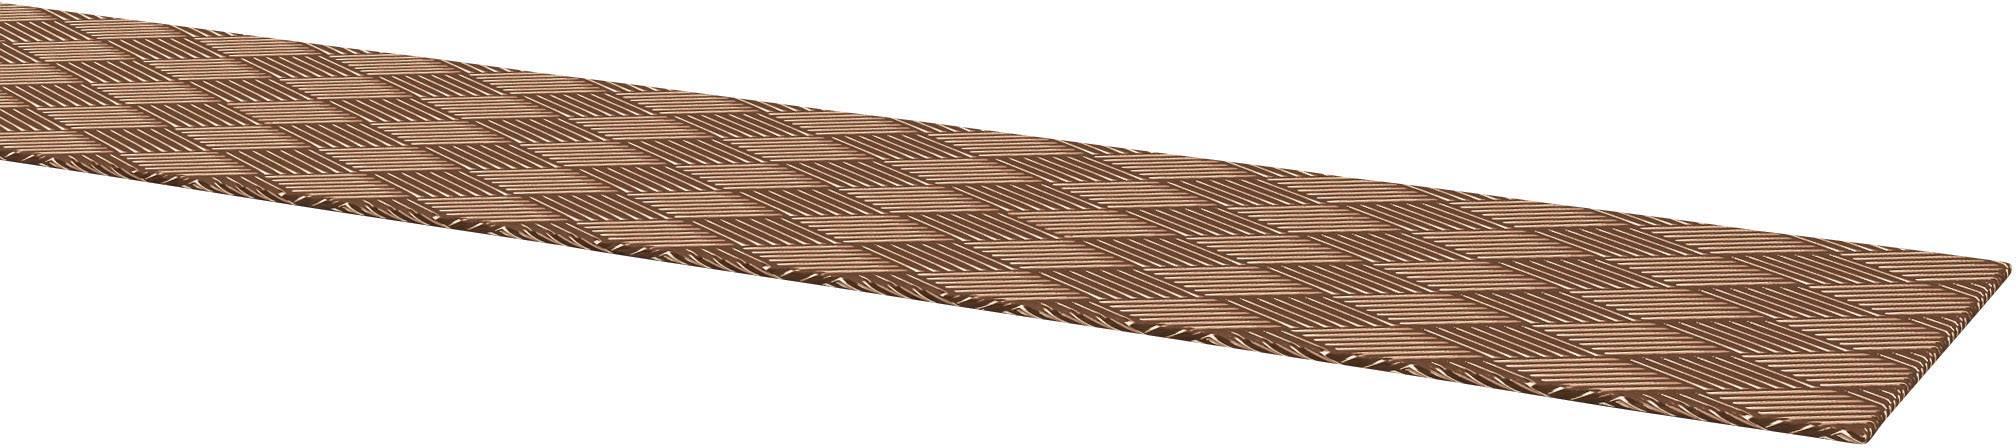 Copper earthing strap, bare 301002500 Kabeltronik Množství: metrové zboží